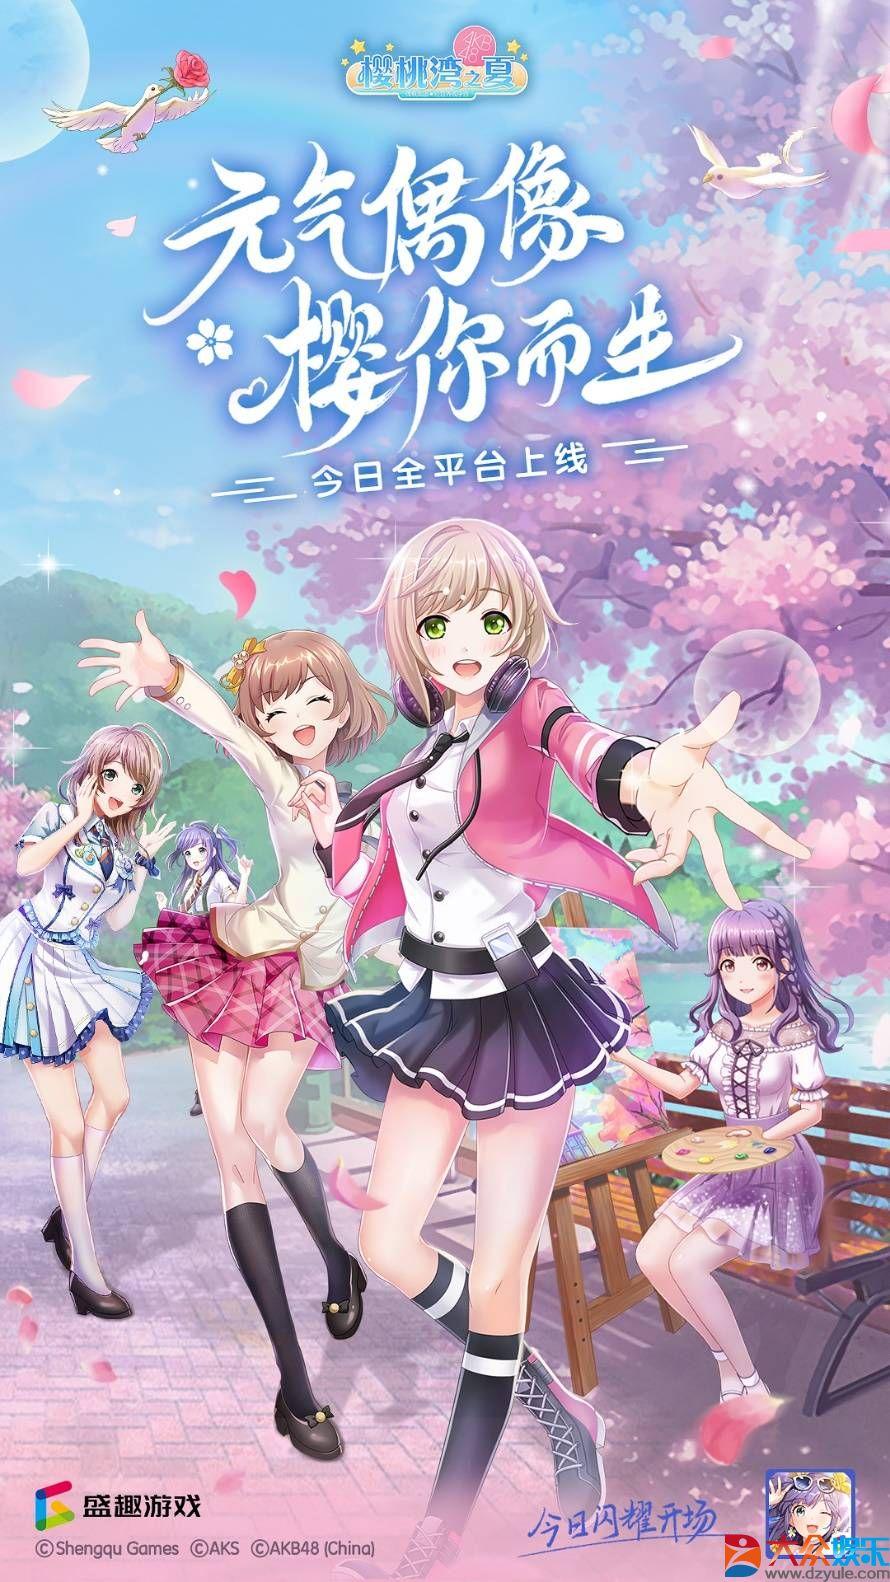 牵手日本国民级偶像IP闪耀公演 盛趣游戏《樱桃湾之夏》今日全平台上线